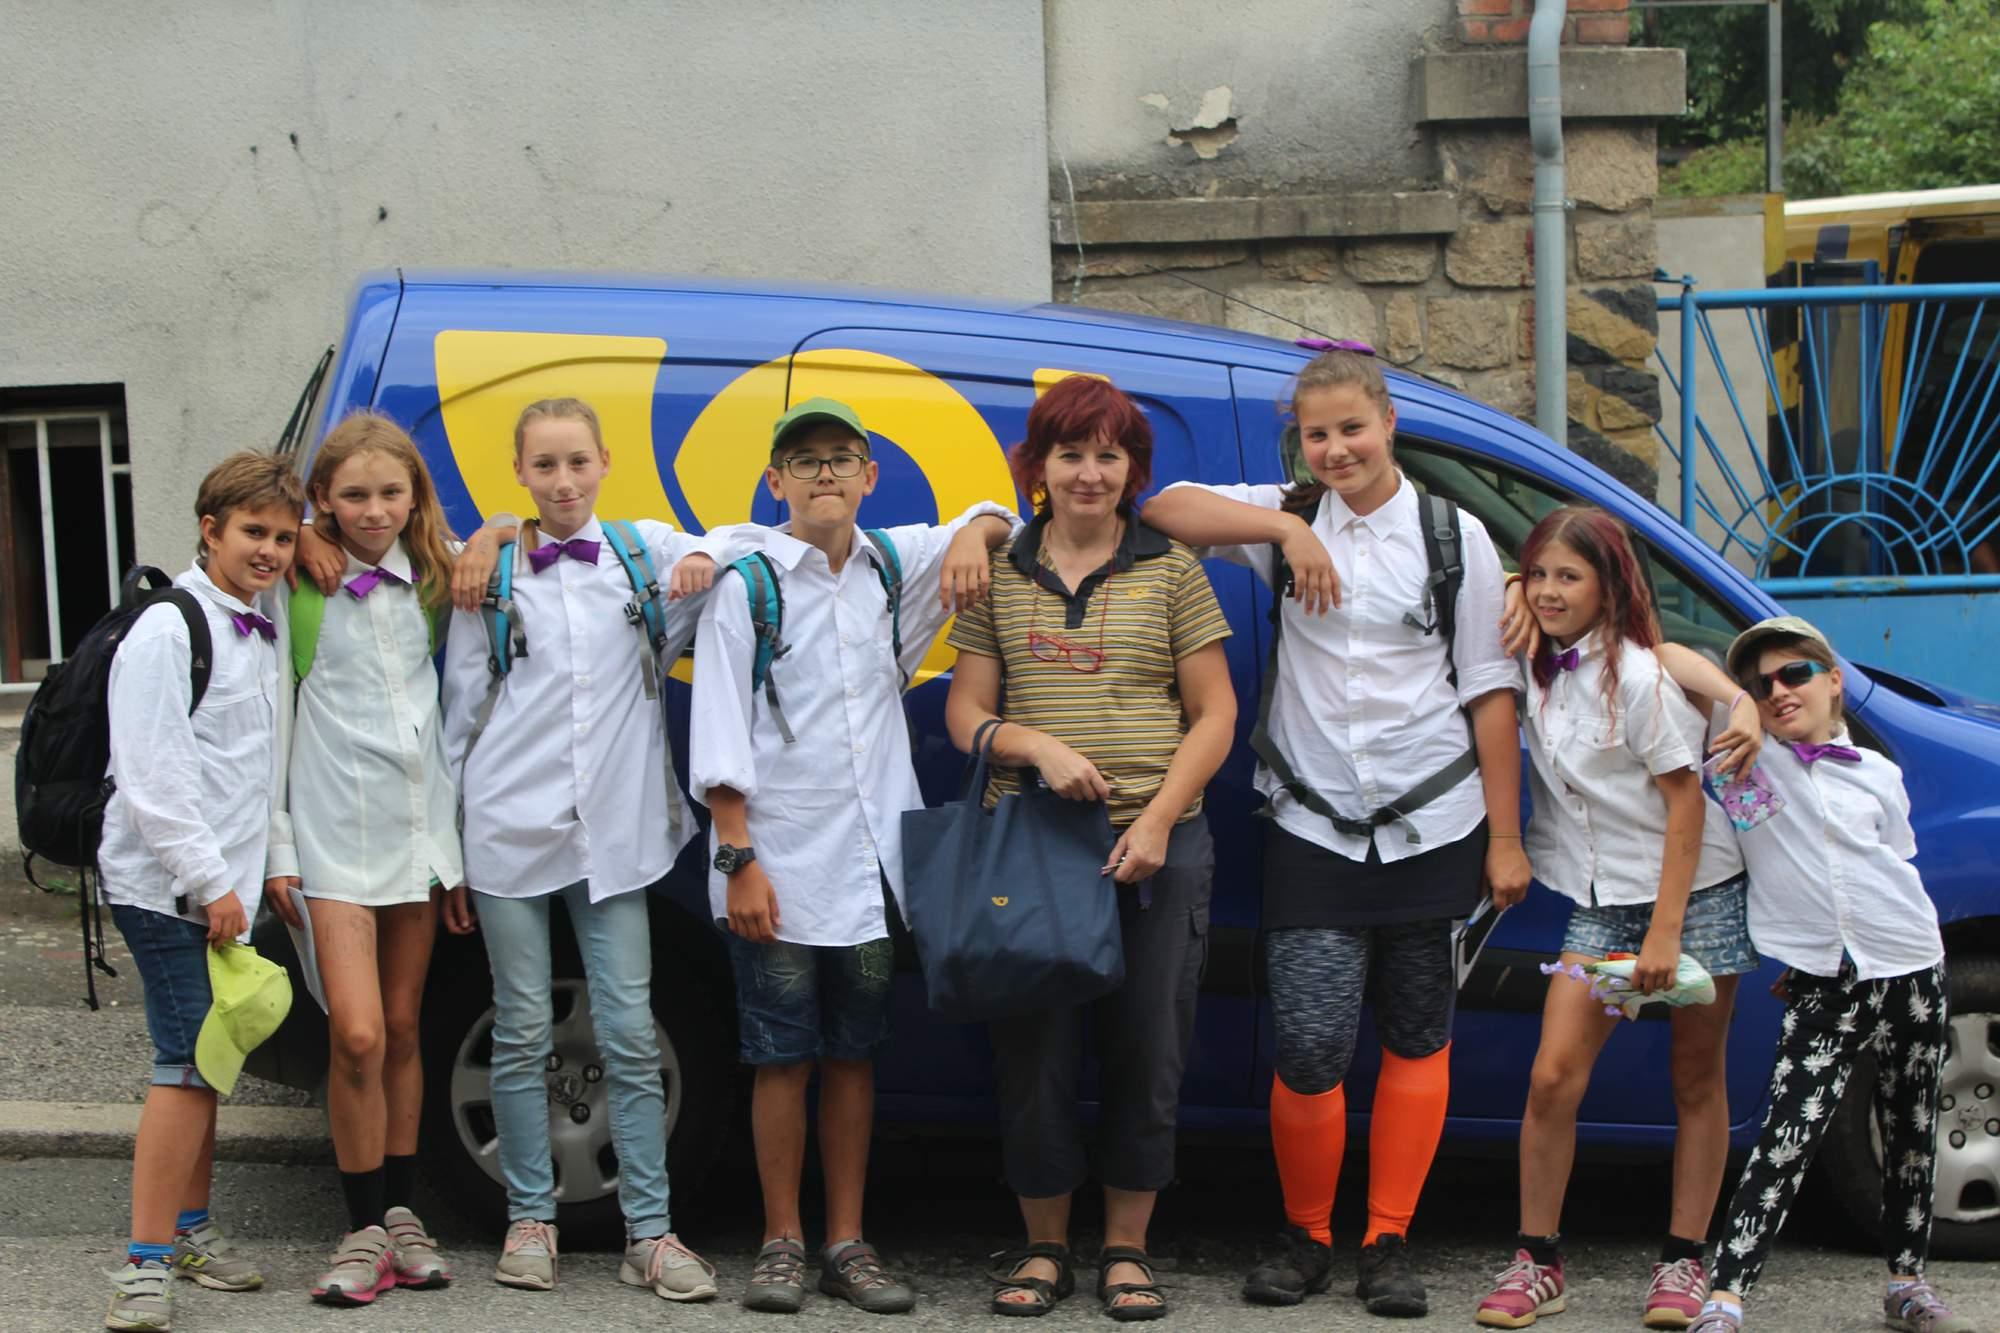 Spolupráce nejen v týmu, ale i s cizími lidmi při tvorbě fotky s pošťákem